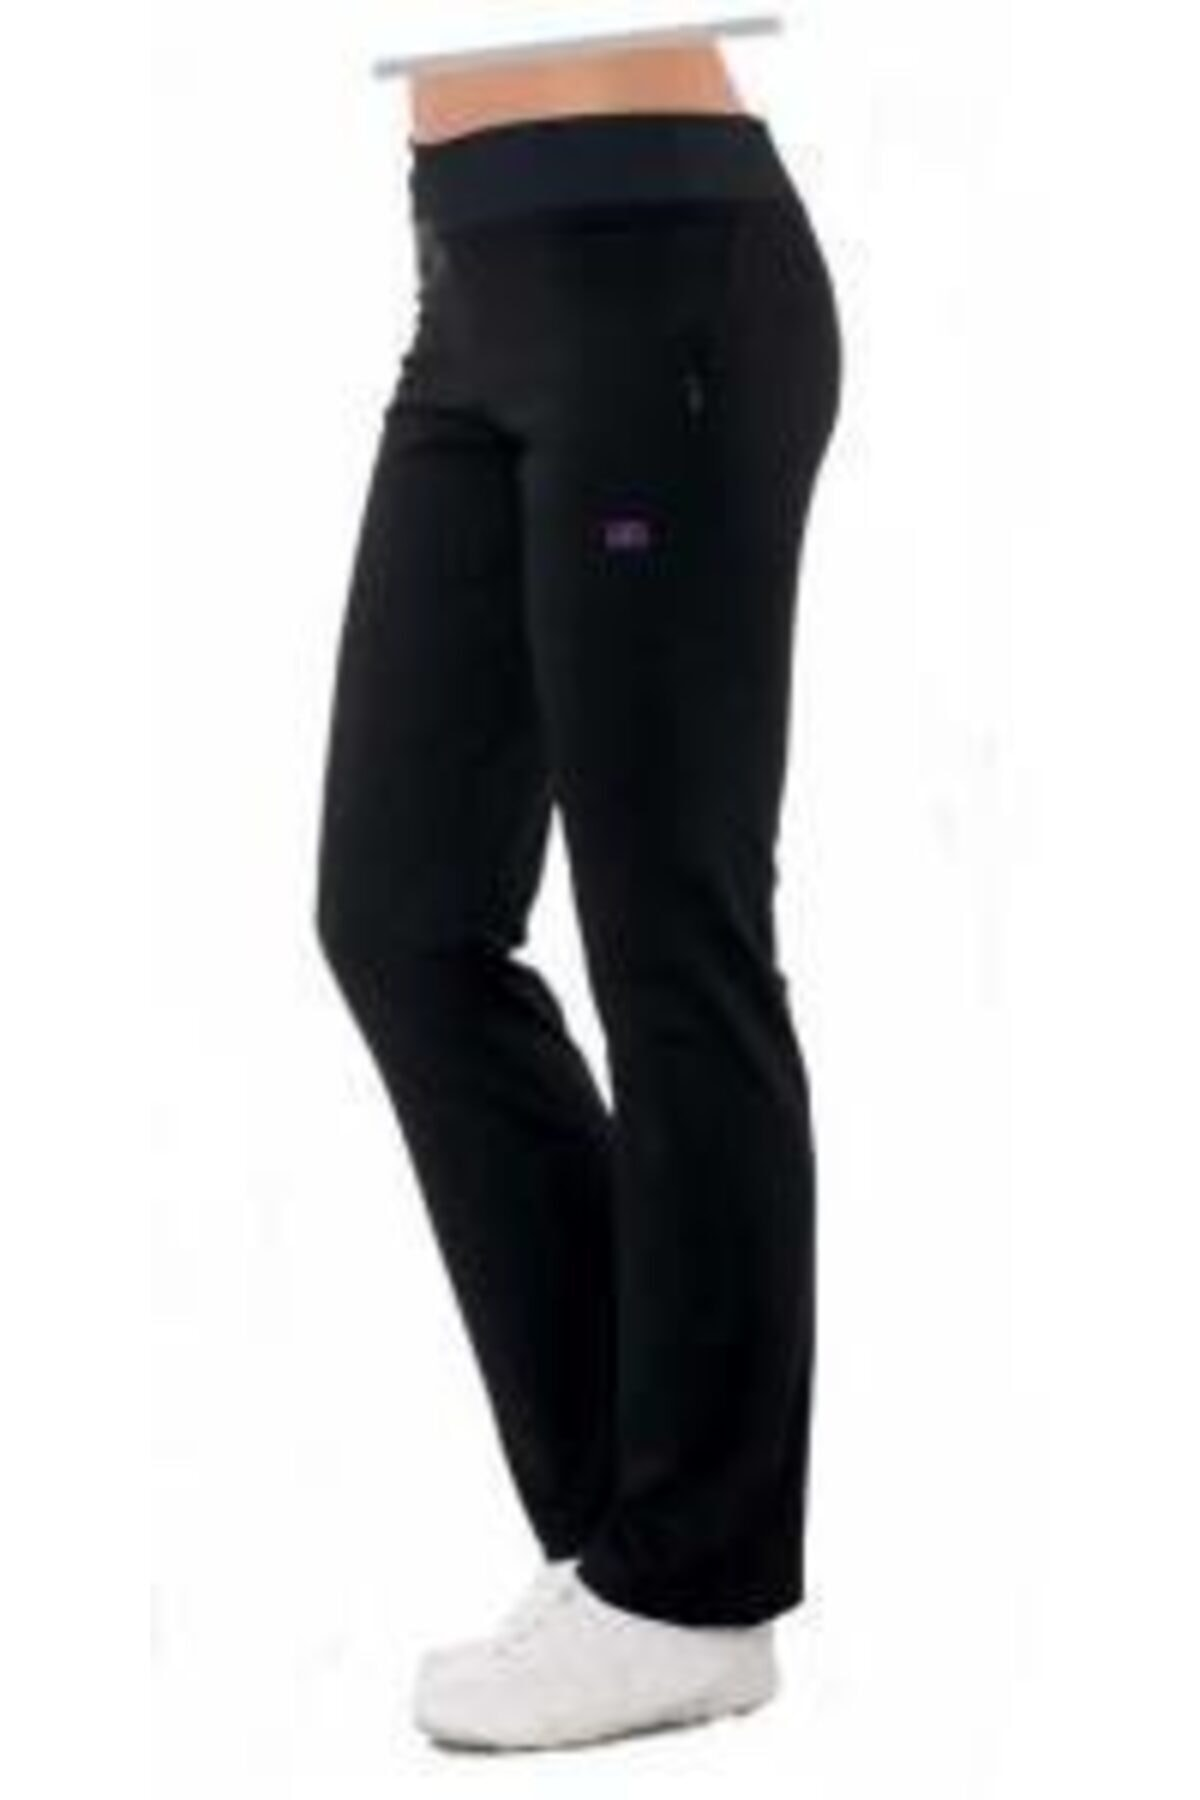 Crozwise Kadın Siyah Yüksek Bel Spor Pantolon 2150 1